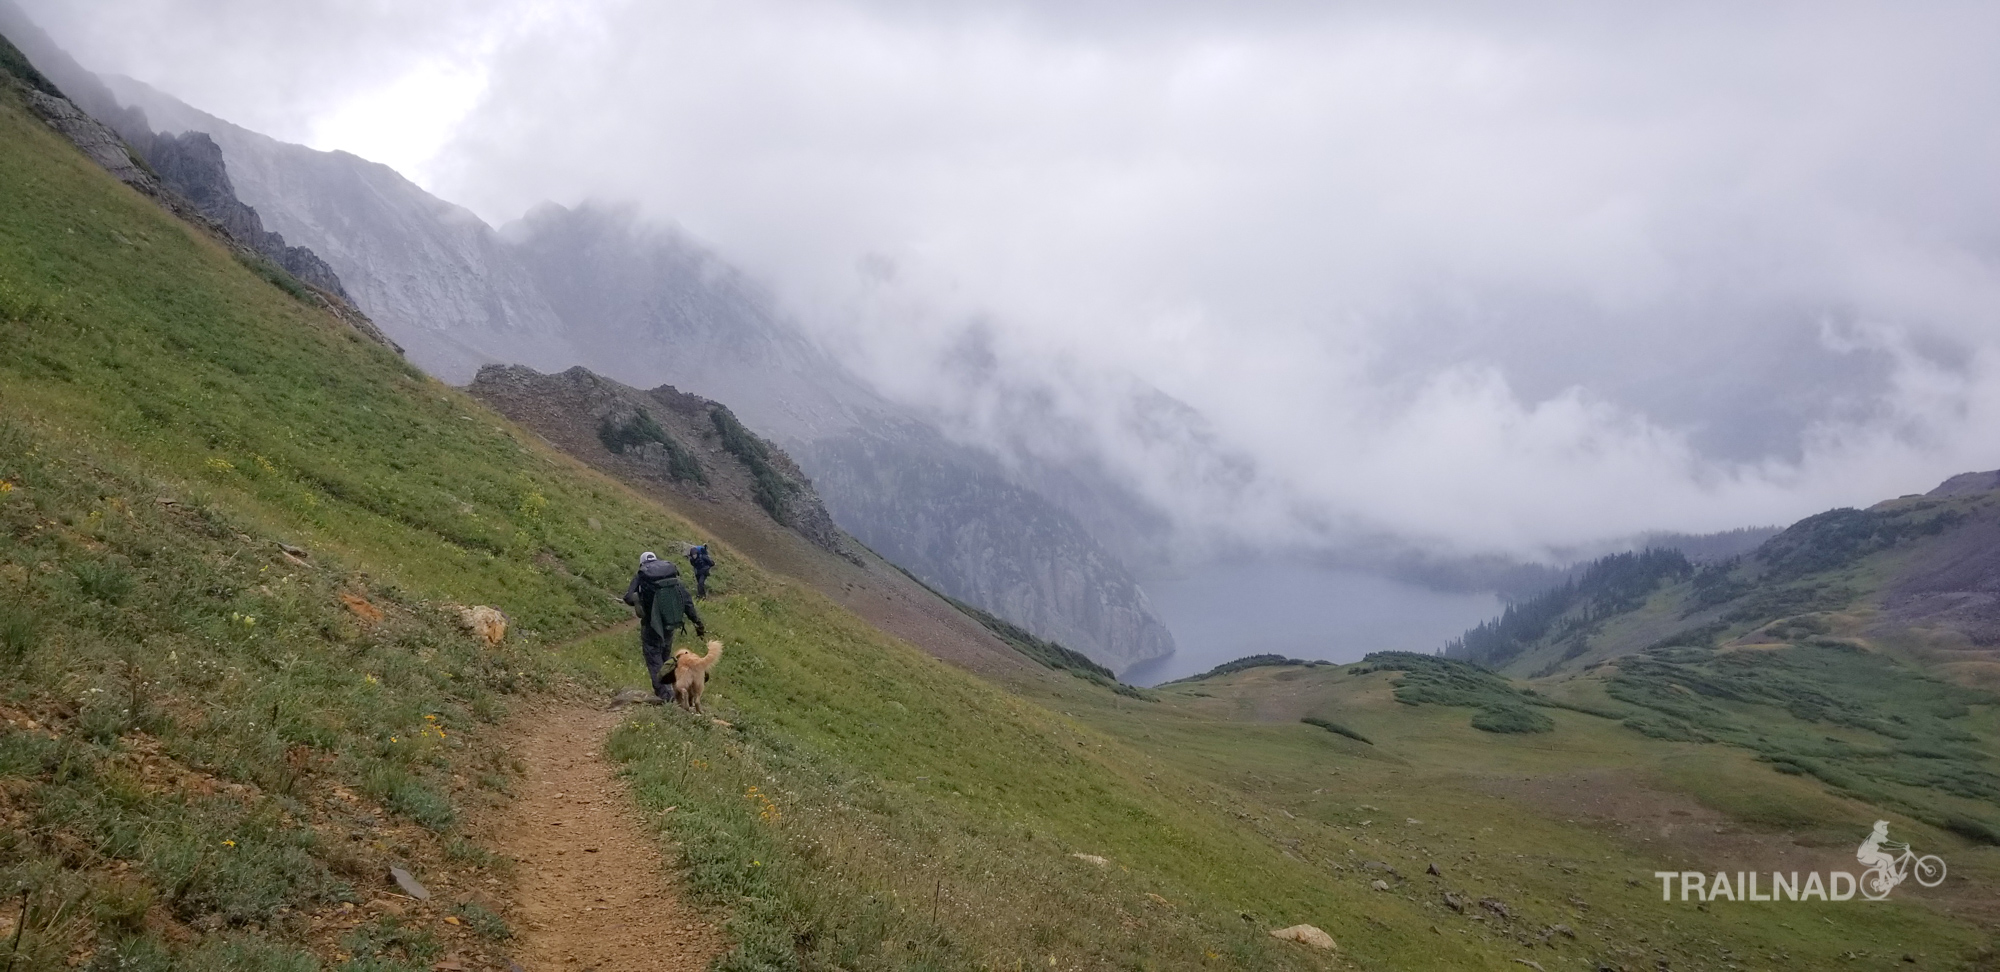 Trail Rider Pass